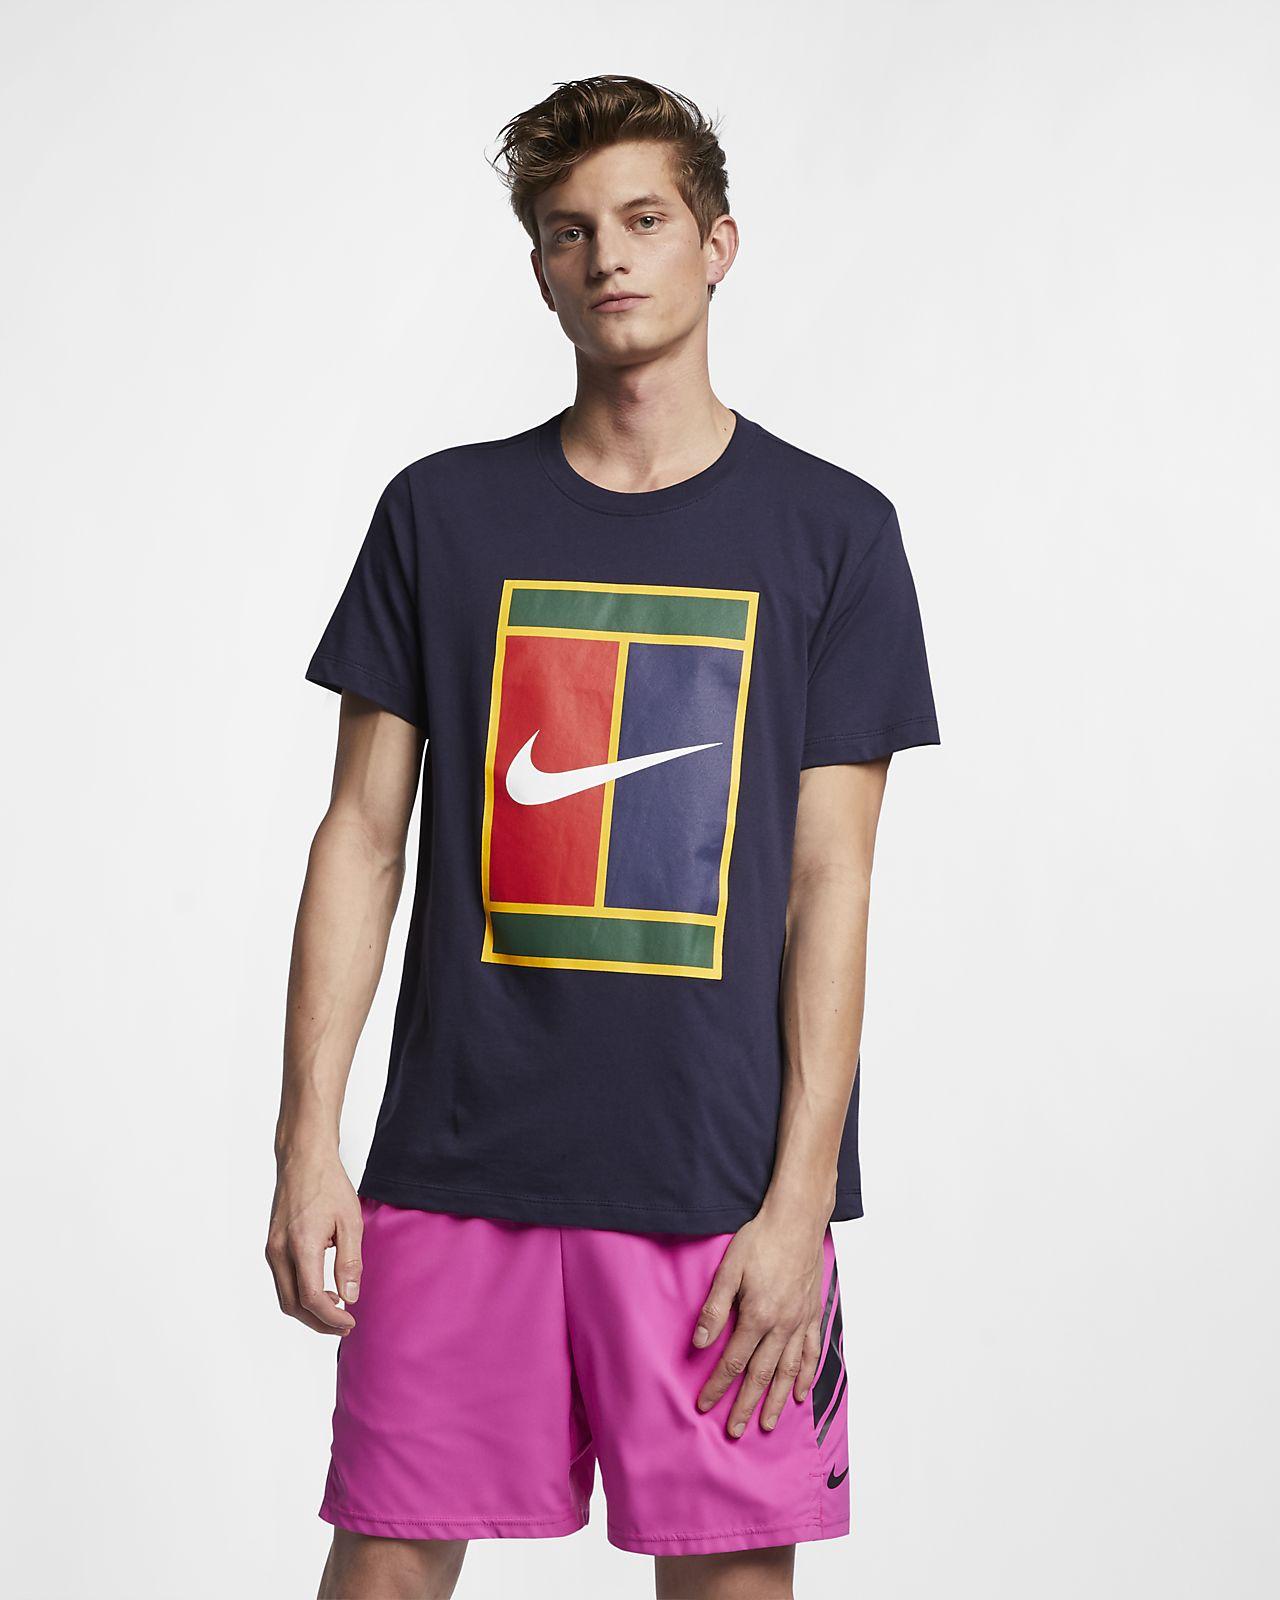 NikeCourt Logolu Erkek Tenis Tişörtü